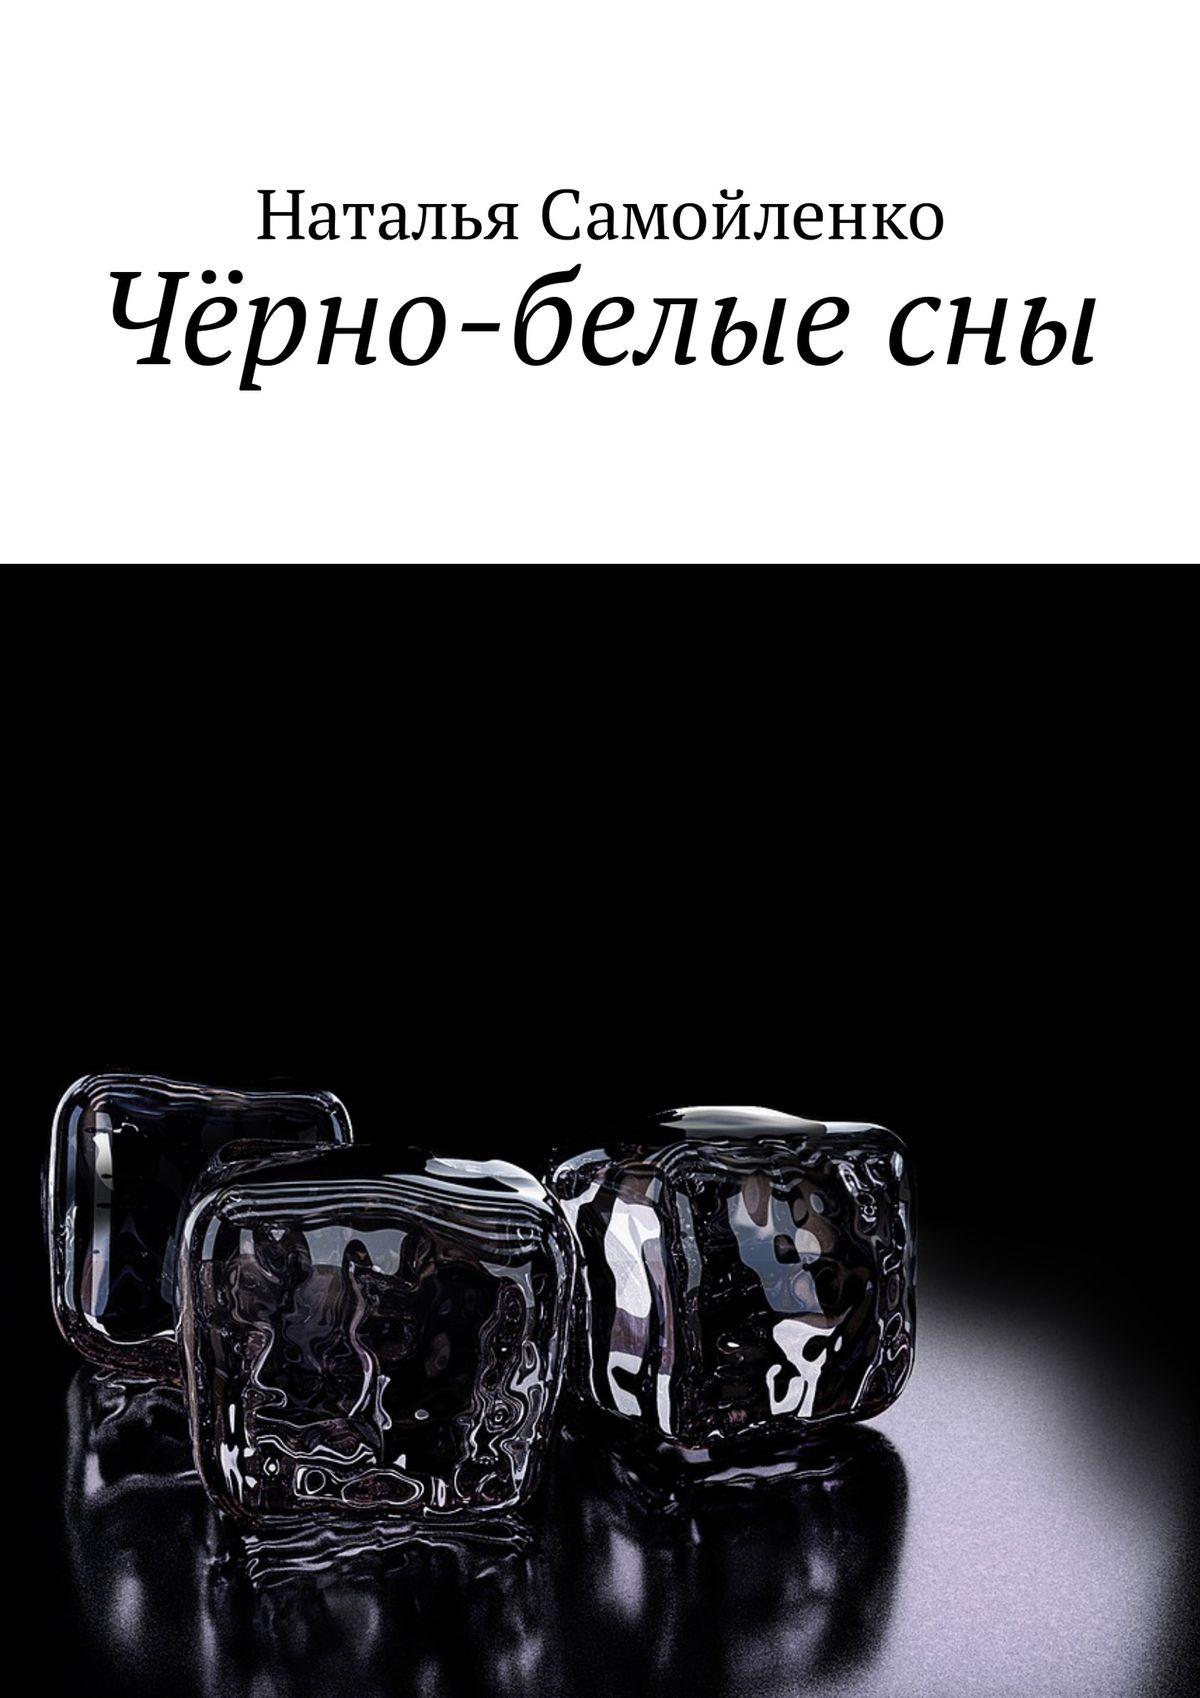 Наталья Самойленко Чёрно-белые сны архимандрит илие клеопа о снах и видениях